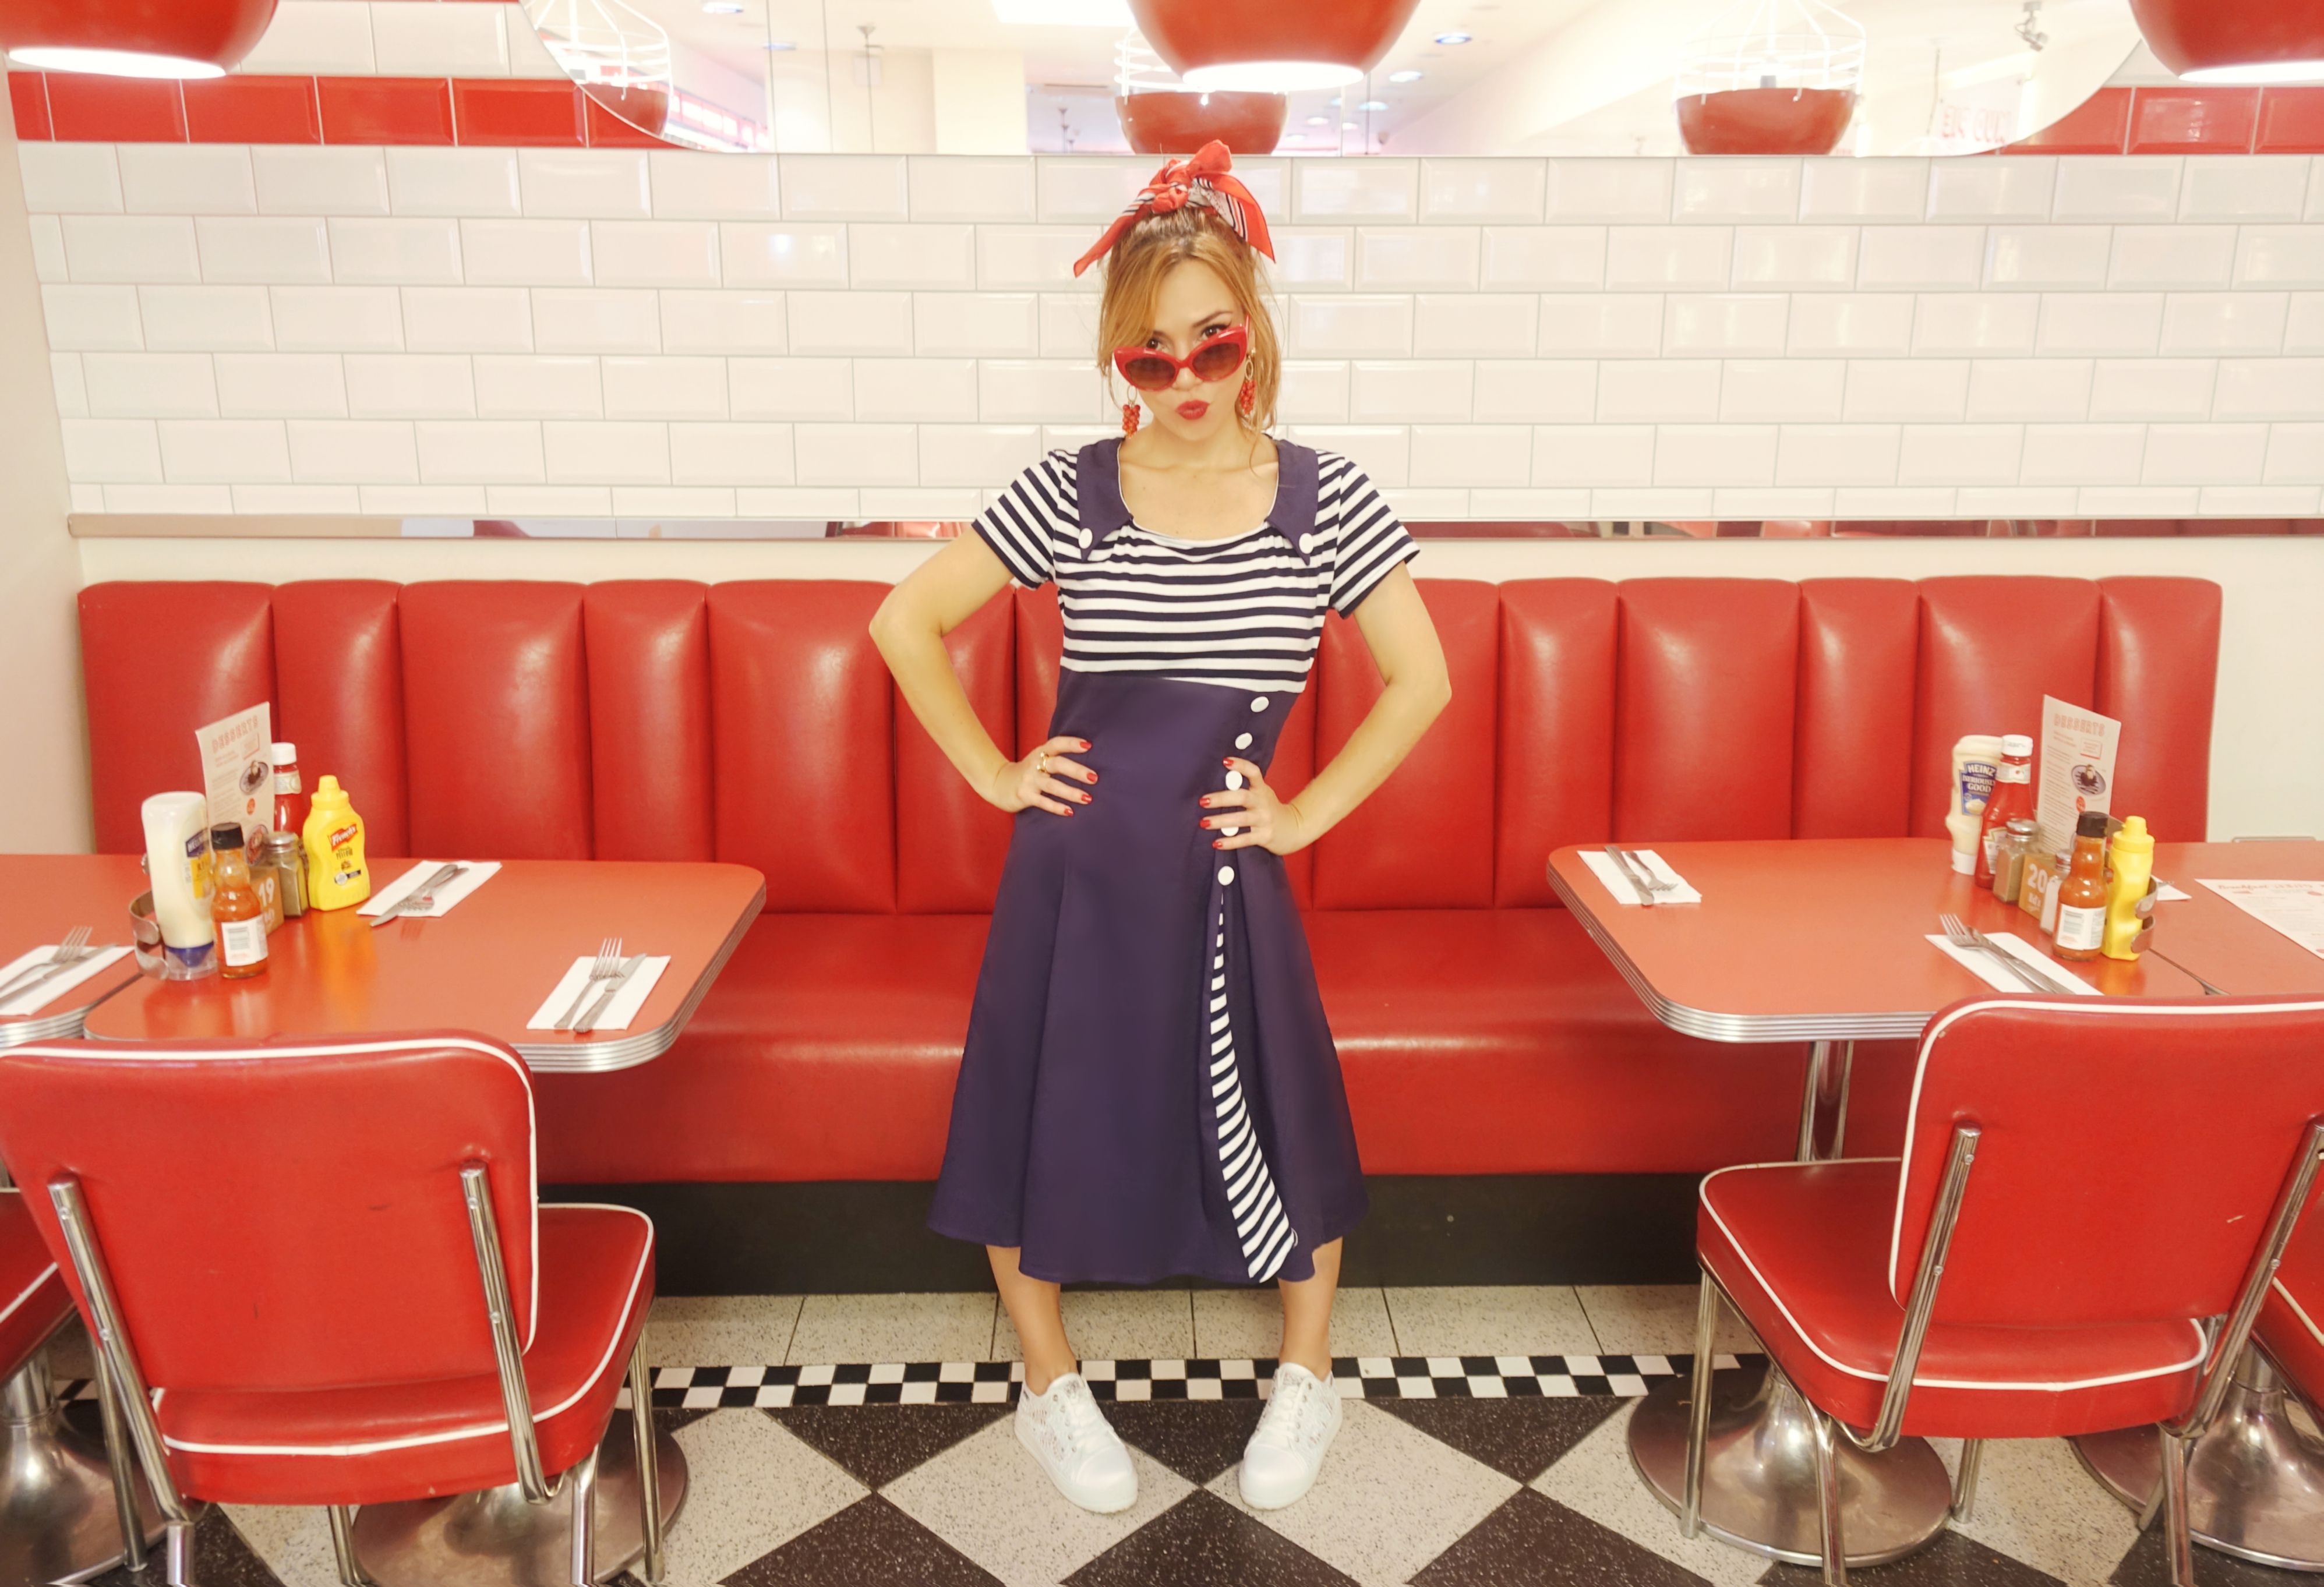 Fashionista-blog-de-moda-Chicadicta-influencer-Piensaenchic-outfit-retro-floryday-Ed's-Easy-Diner-panuelos-vintage-Chic-adicta-Piensa-en-Chic